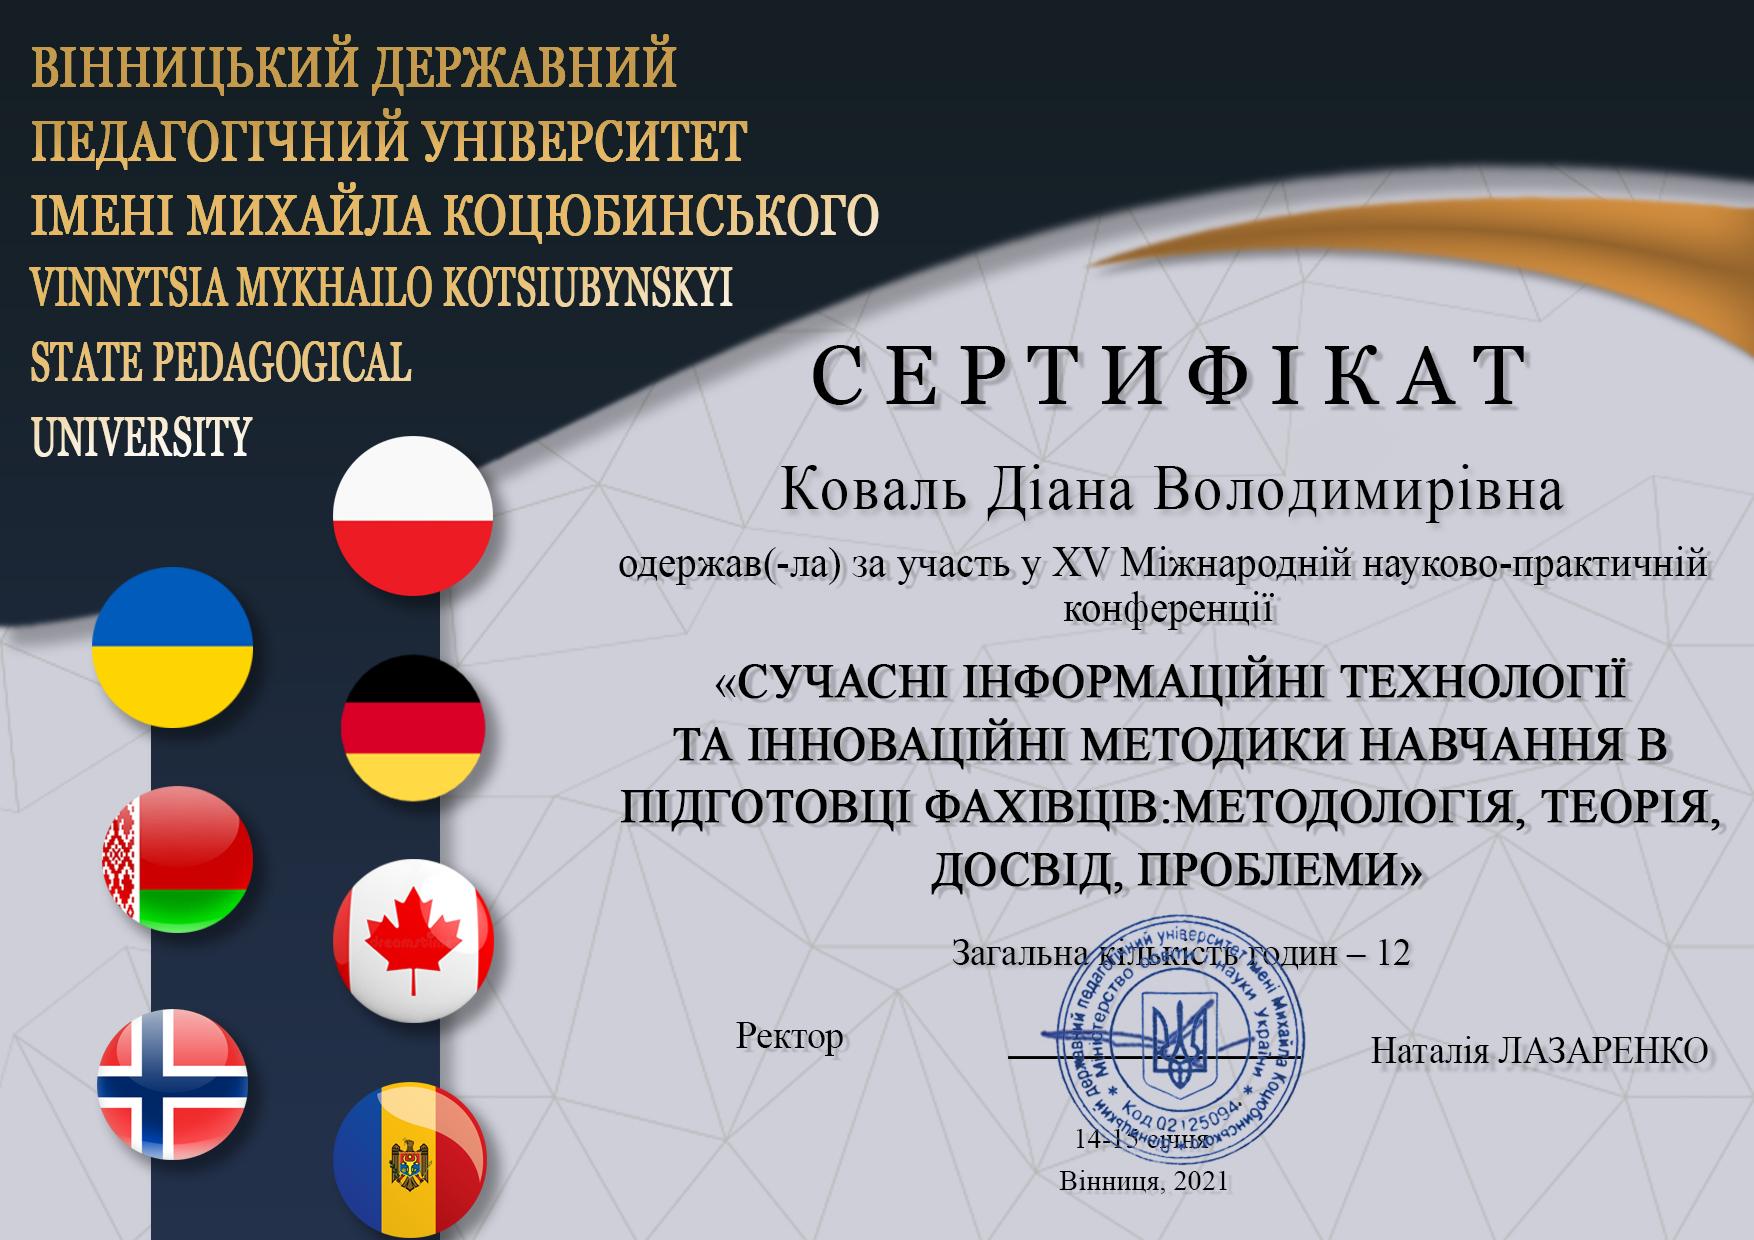 Коваль Діана Володимирівна